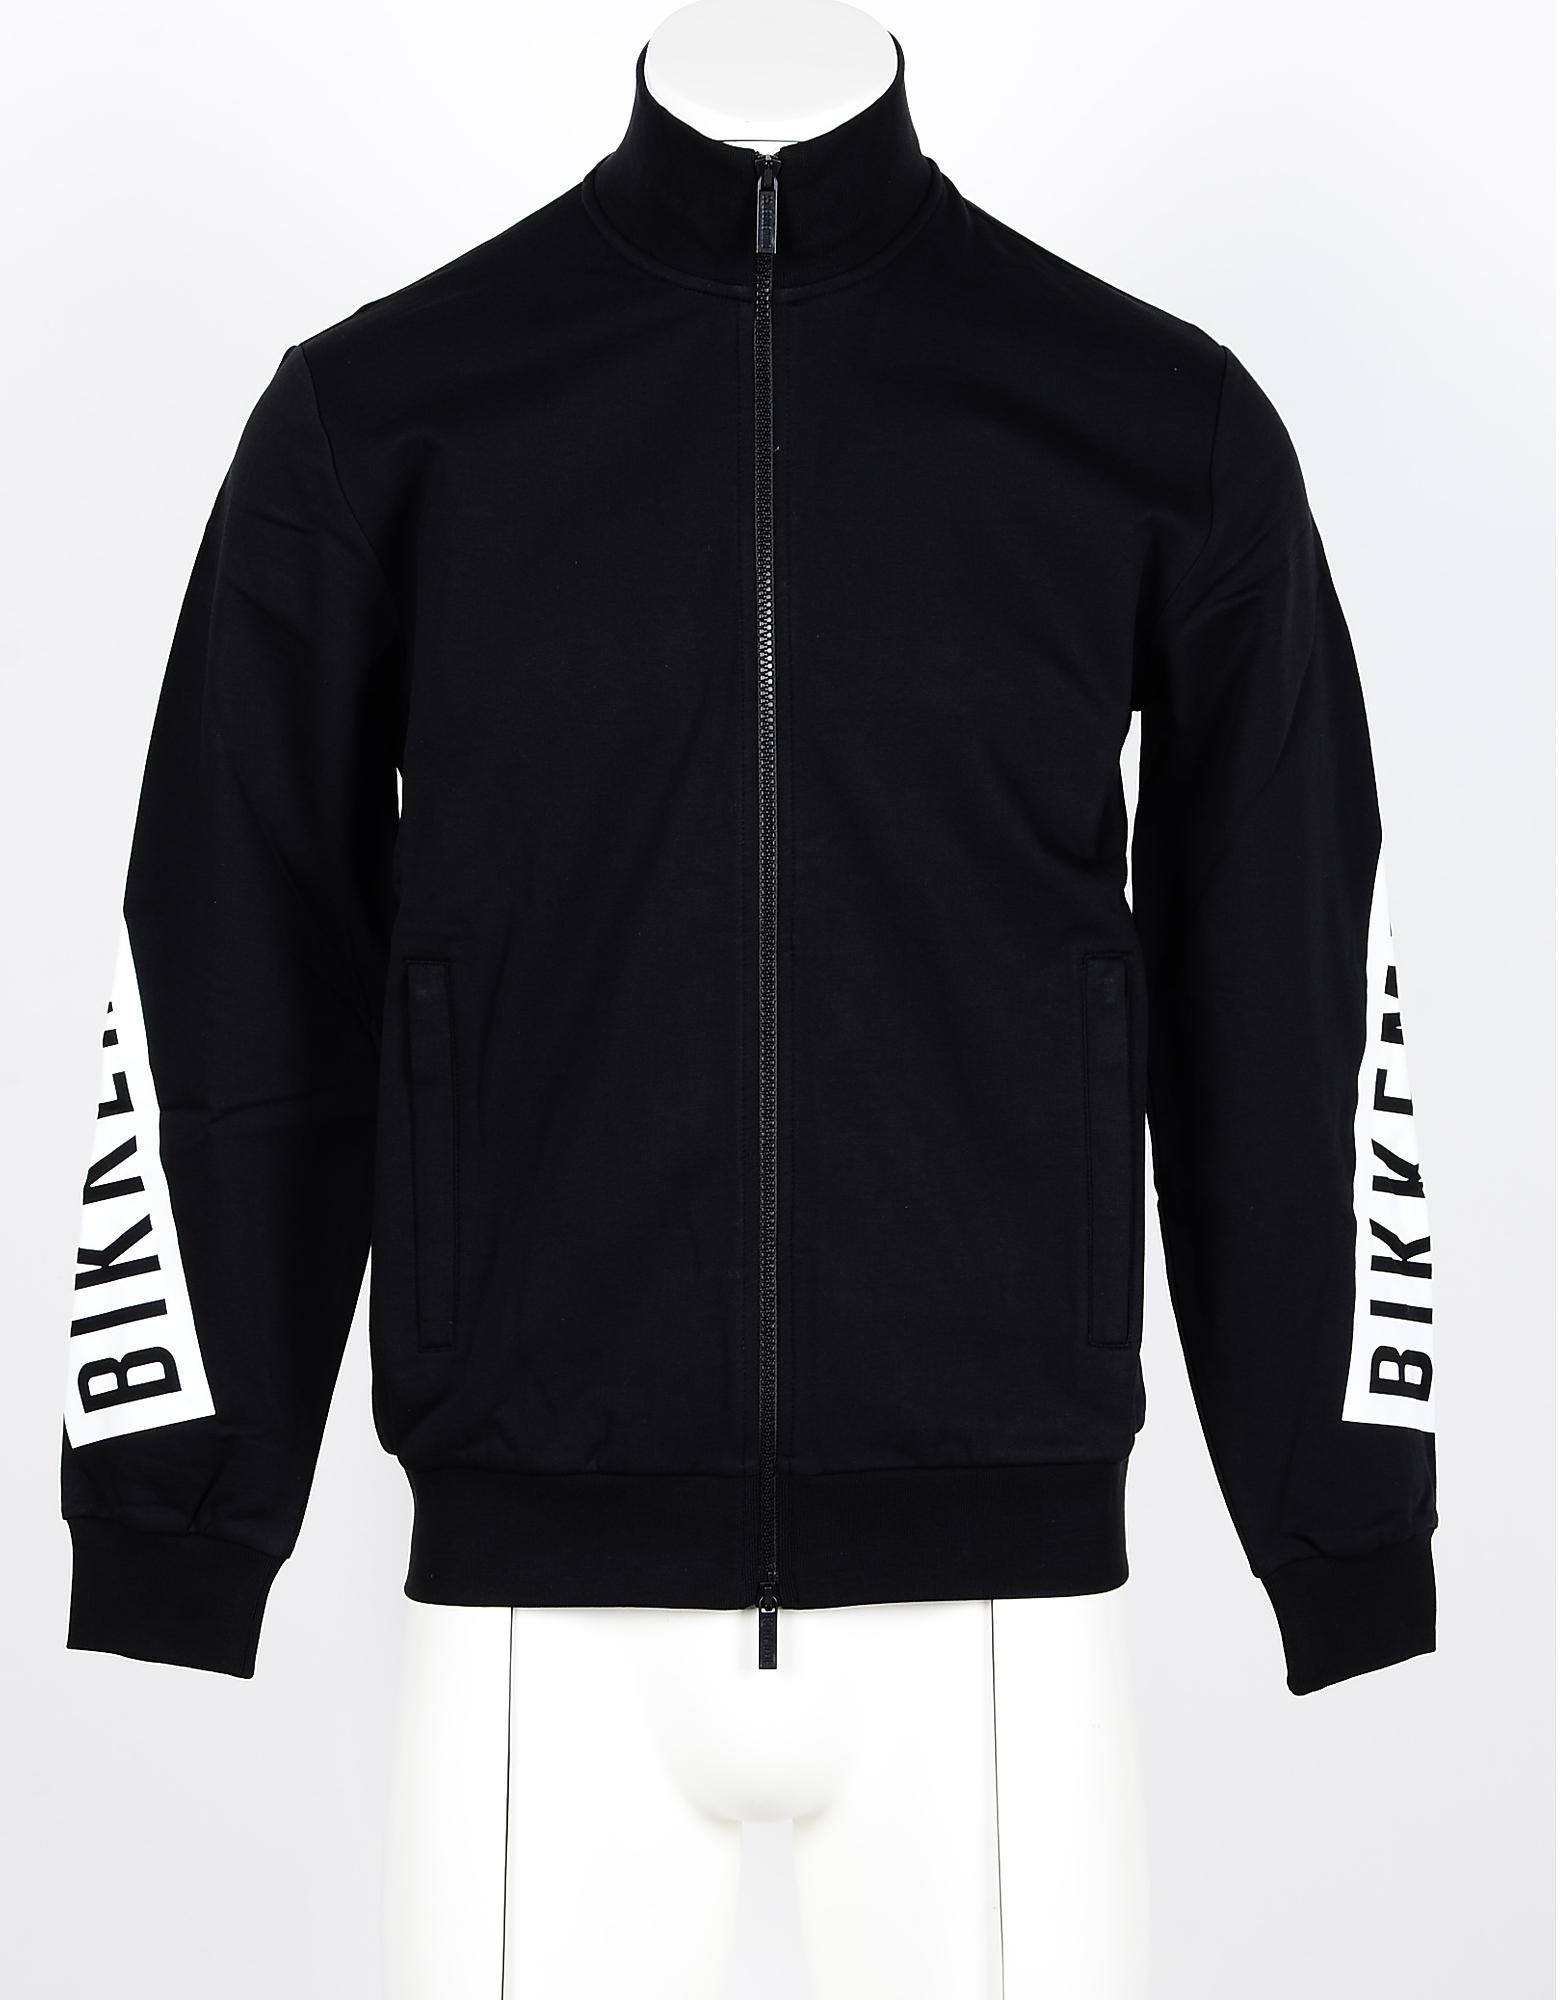 Bikkembergs Men's Black Sweatshirt